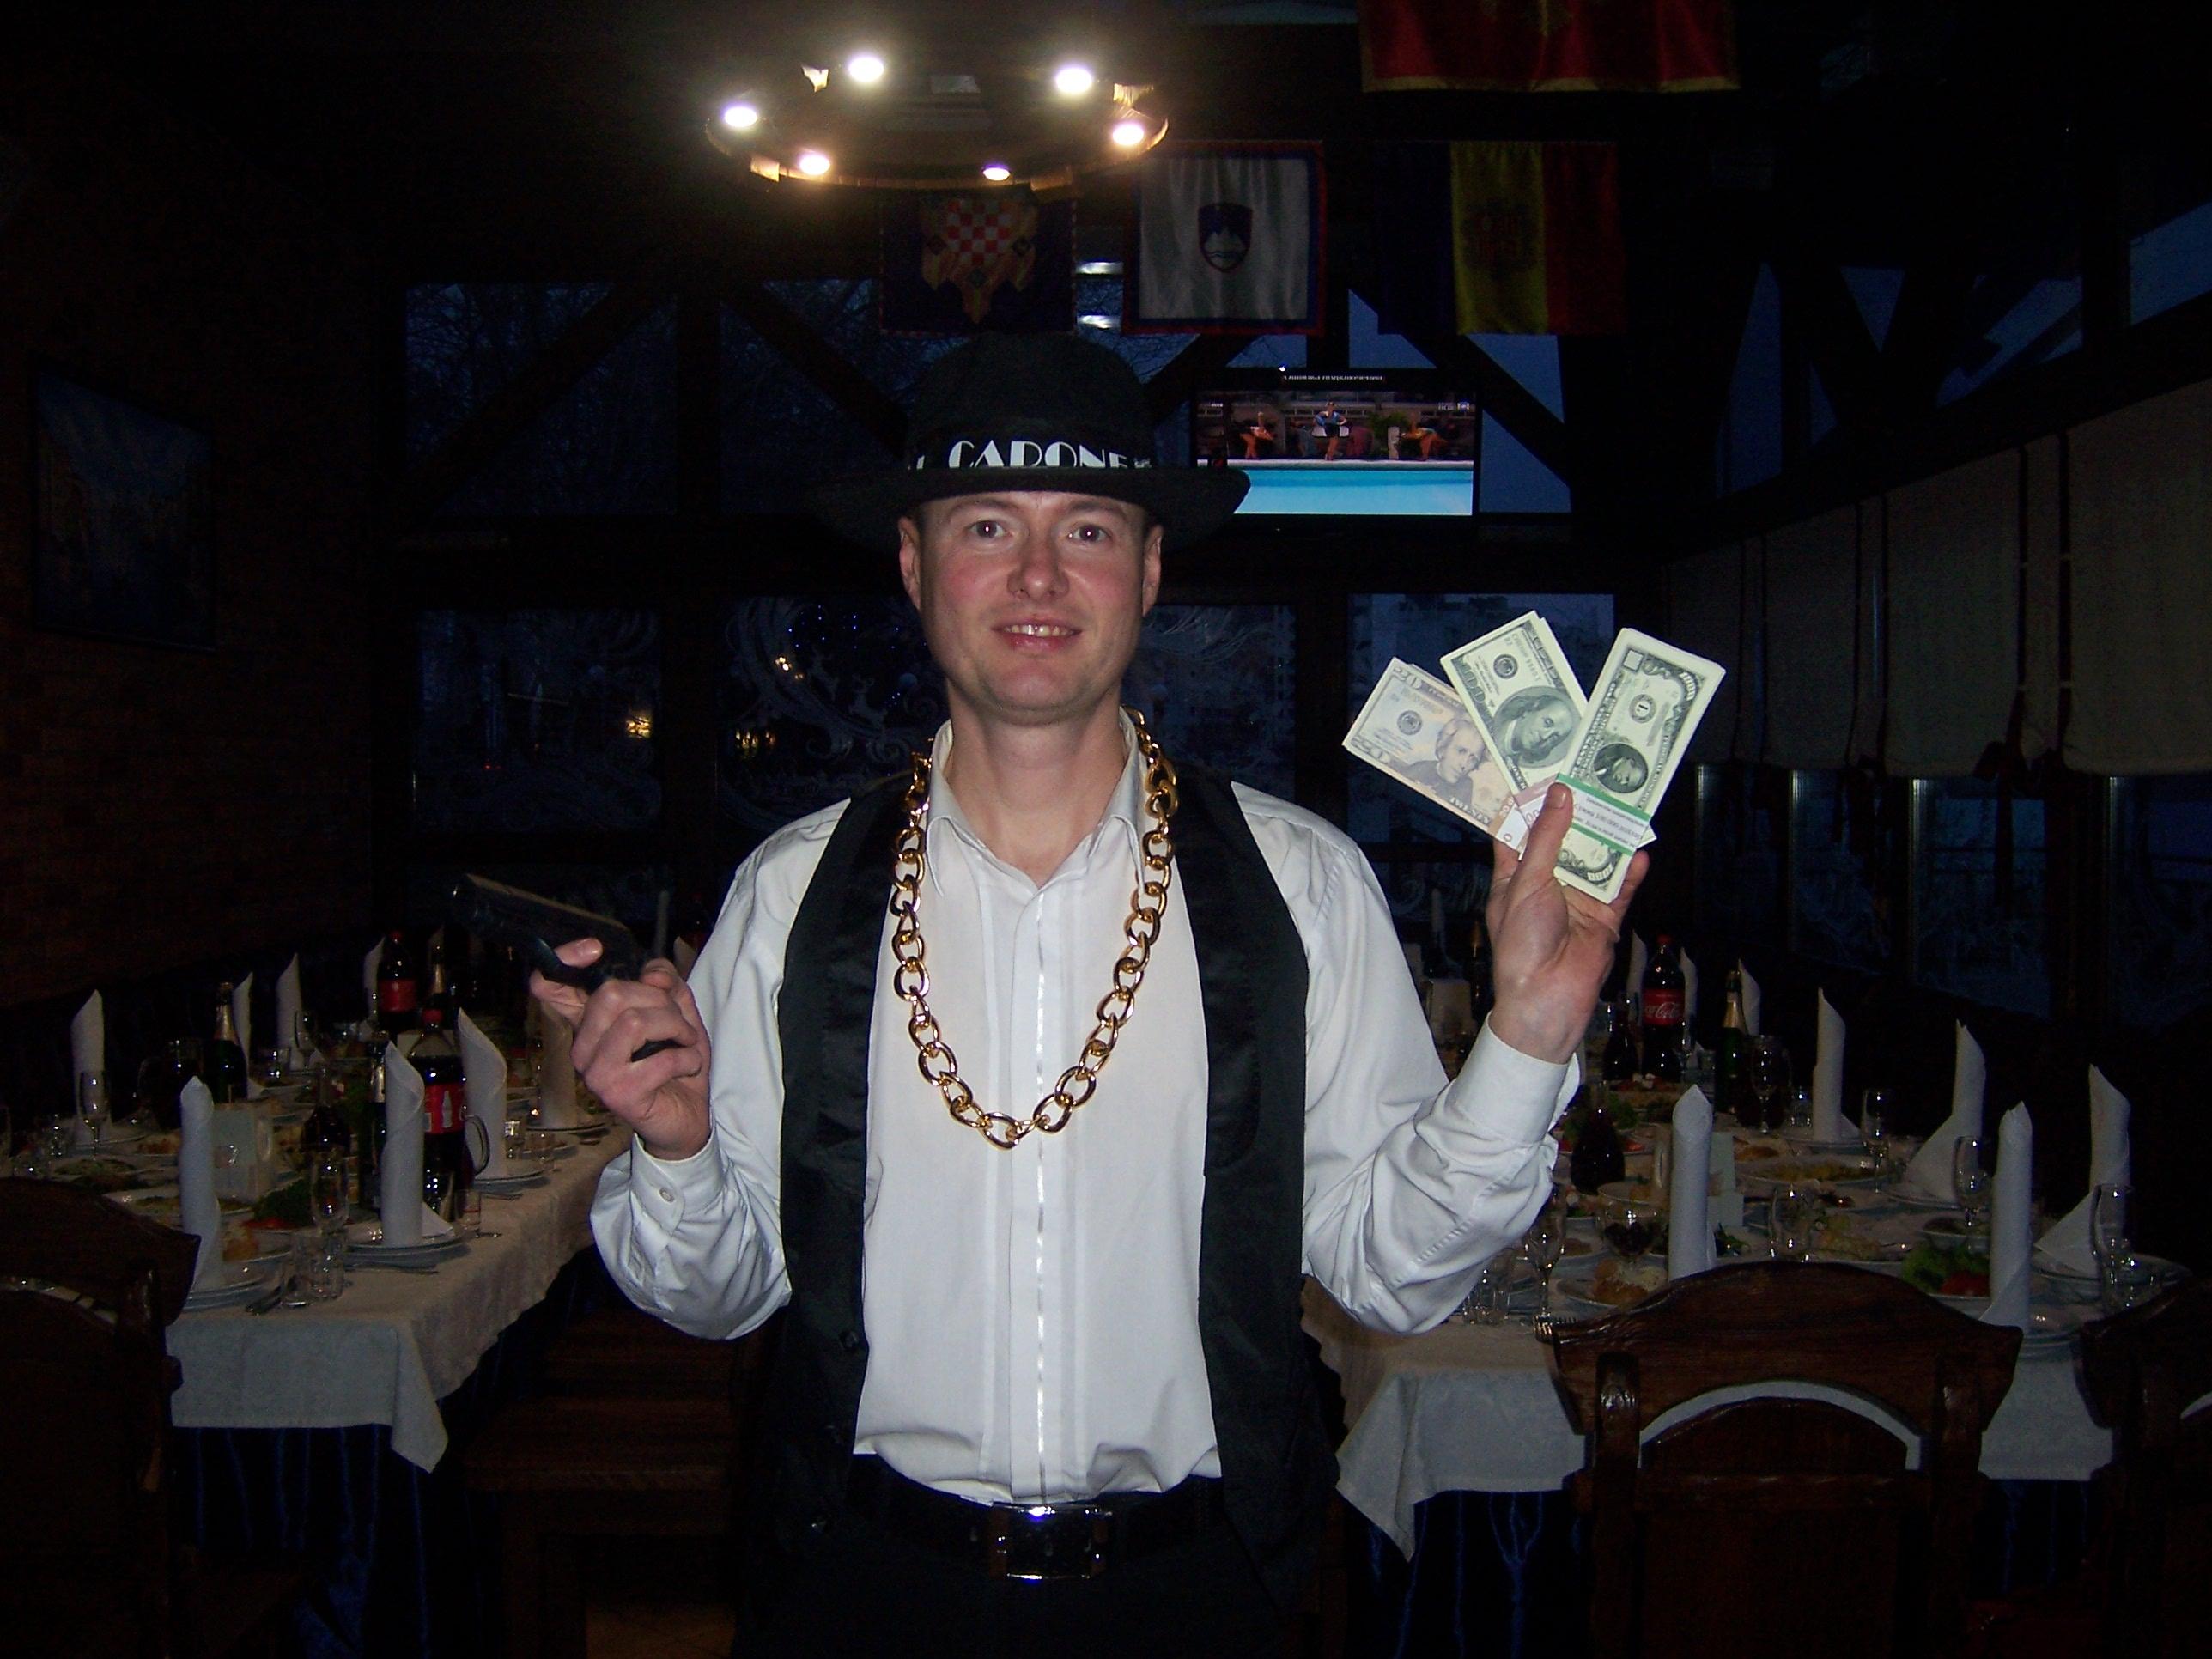 Фото Ведущий на корпоратив (гангстерская вечеринка)